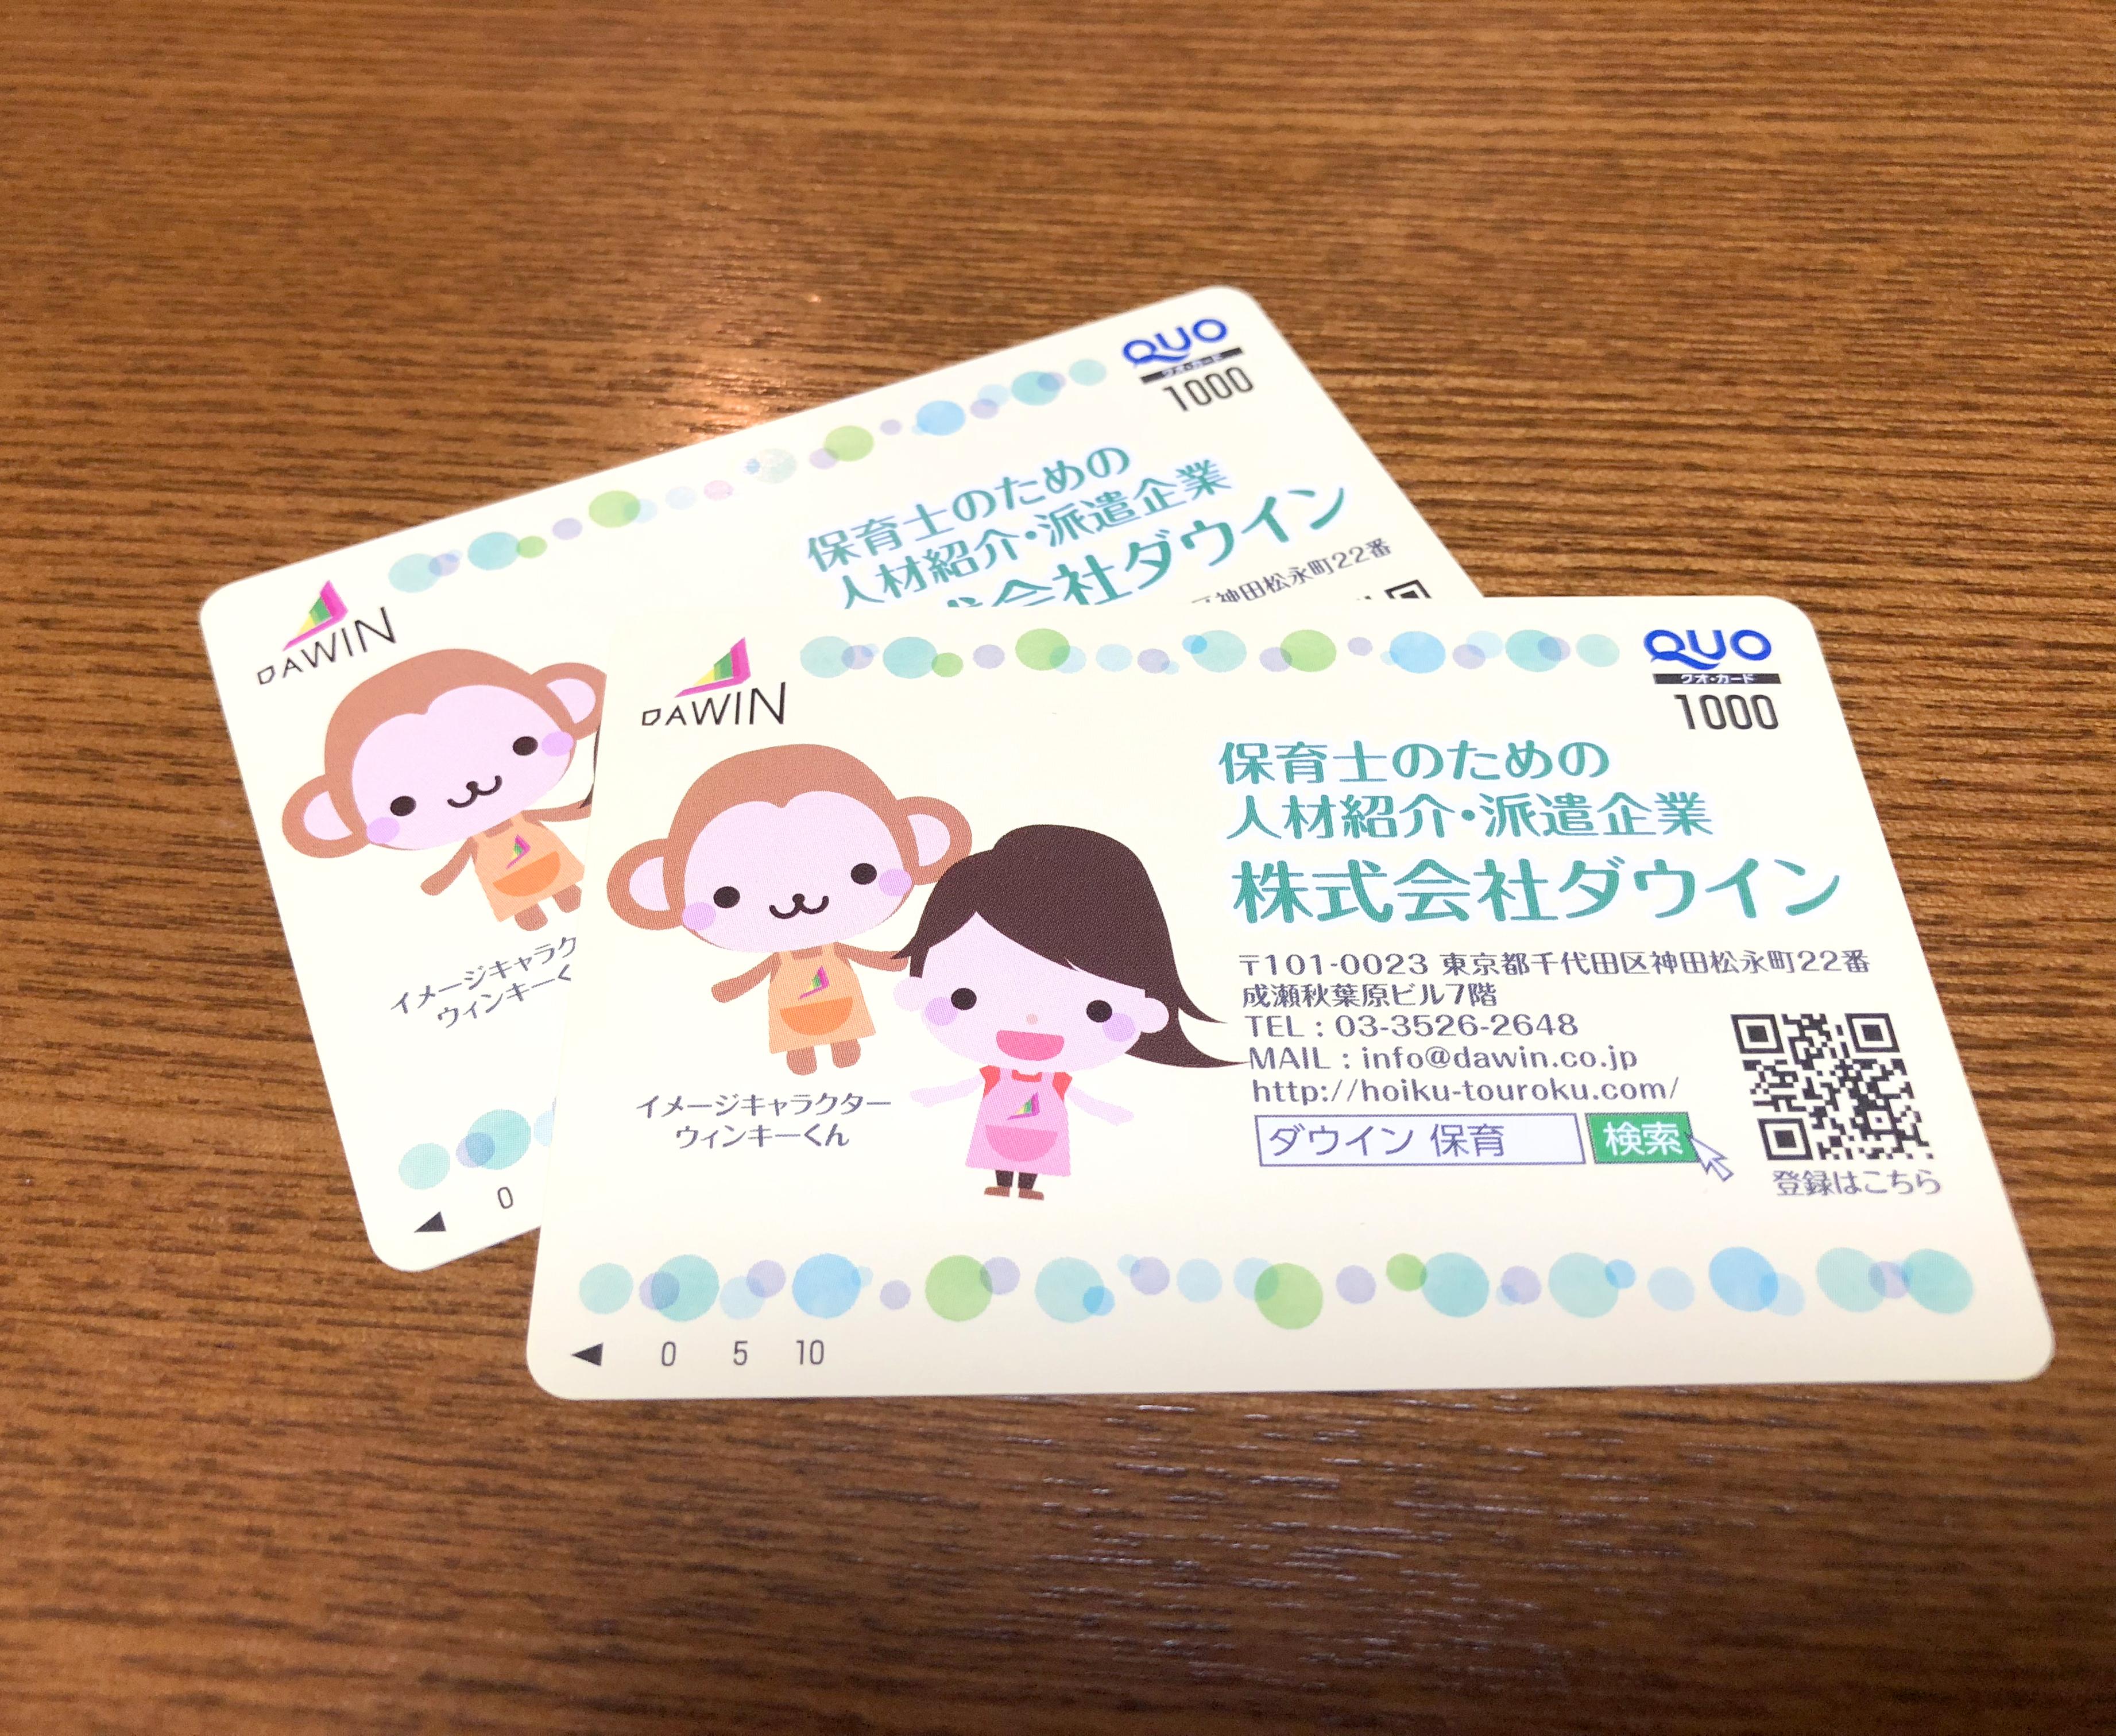 株式会社ダウイン様オリジナルQUOカード制作